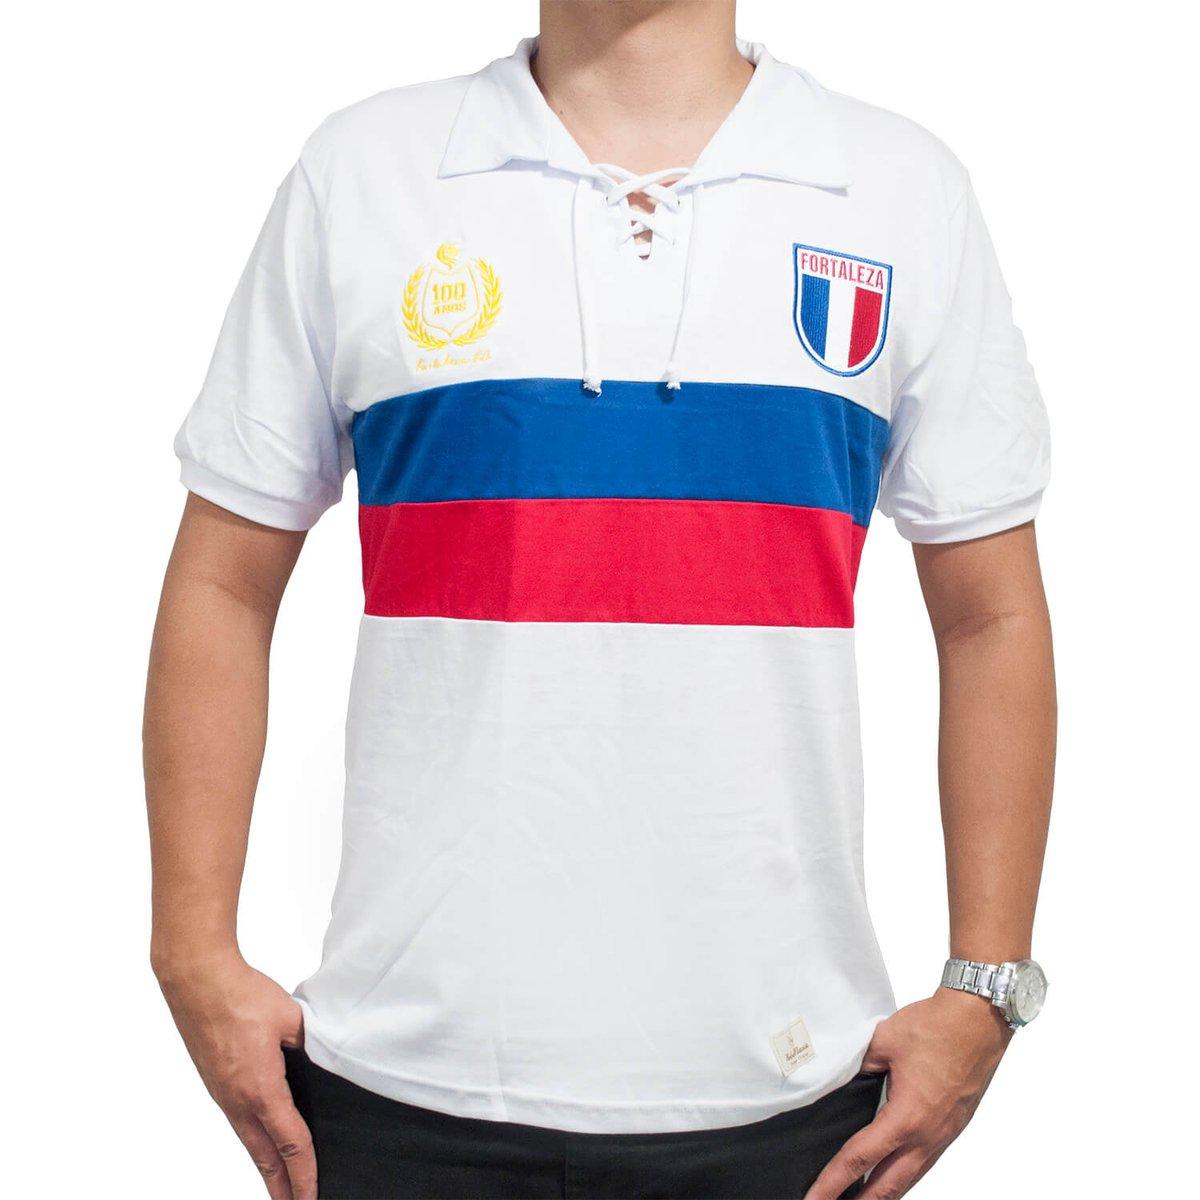 ... Camisa Retrô Mania Fortaleza Centenário - 1923 - Compre Agora Netshoes  504e905902b8b9 ... 04a34b310e964